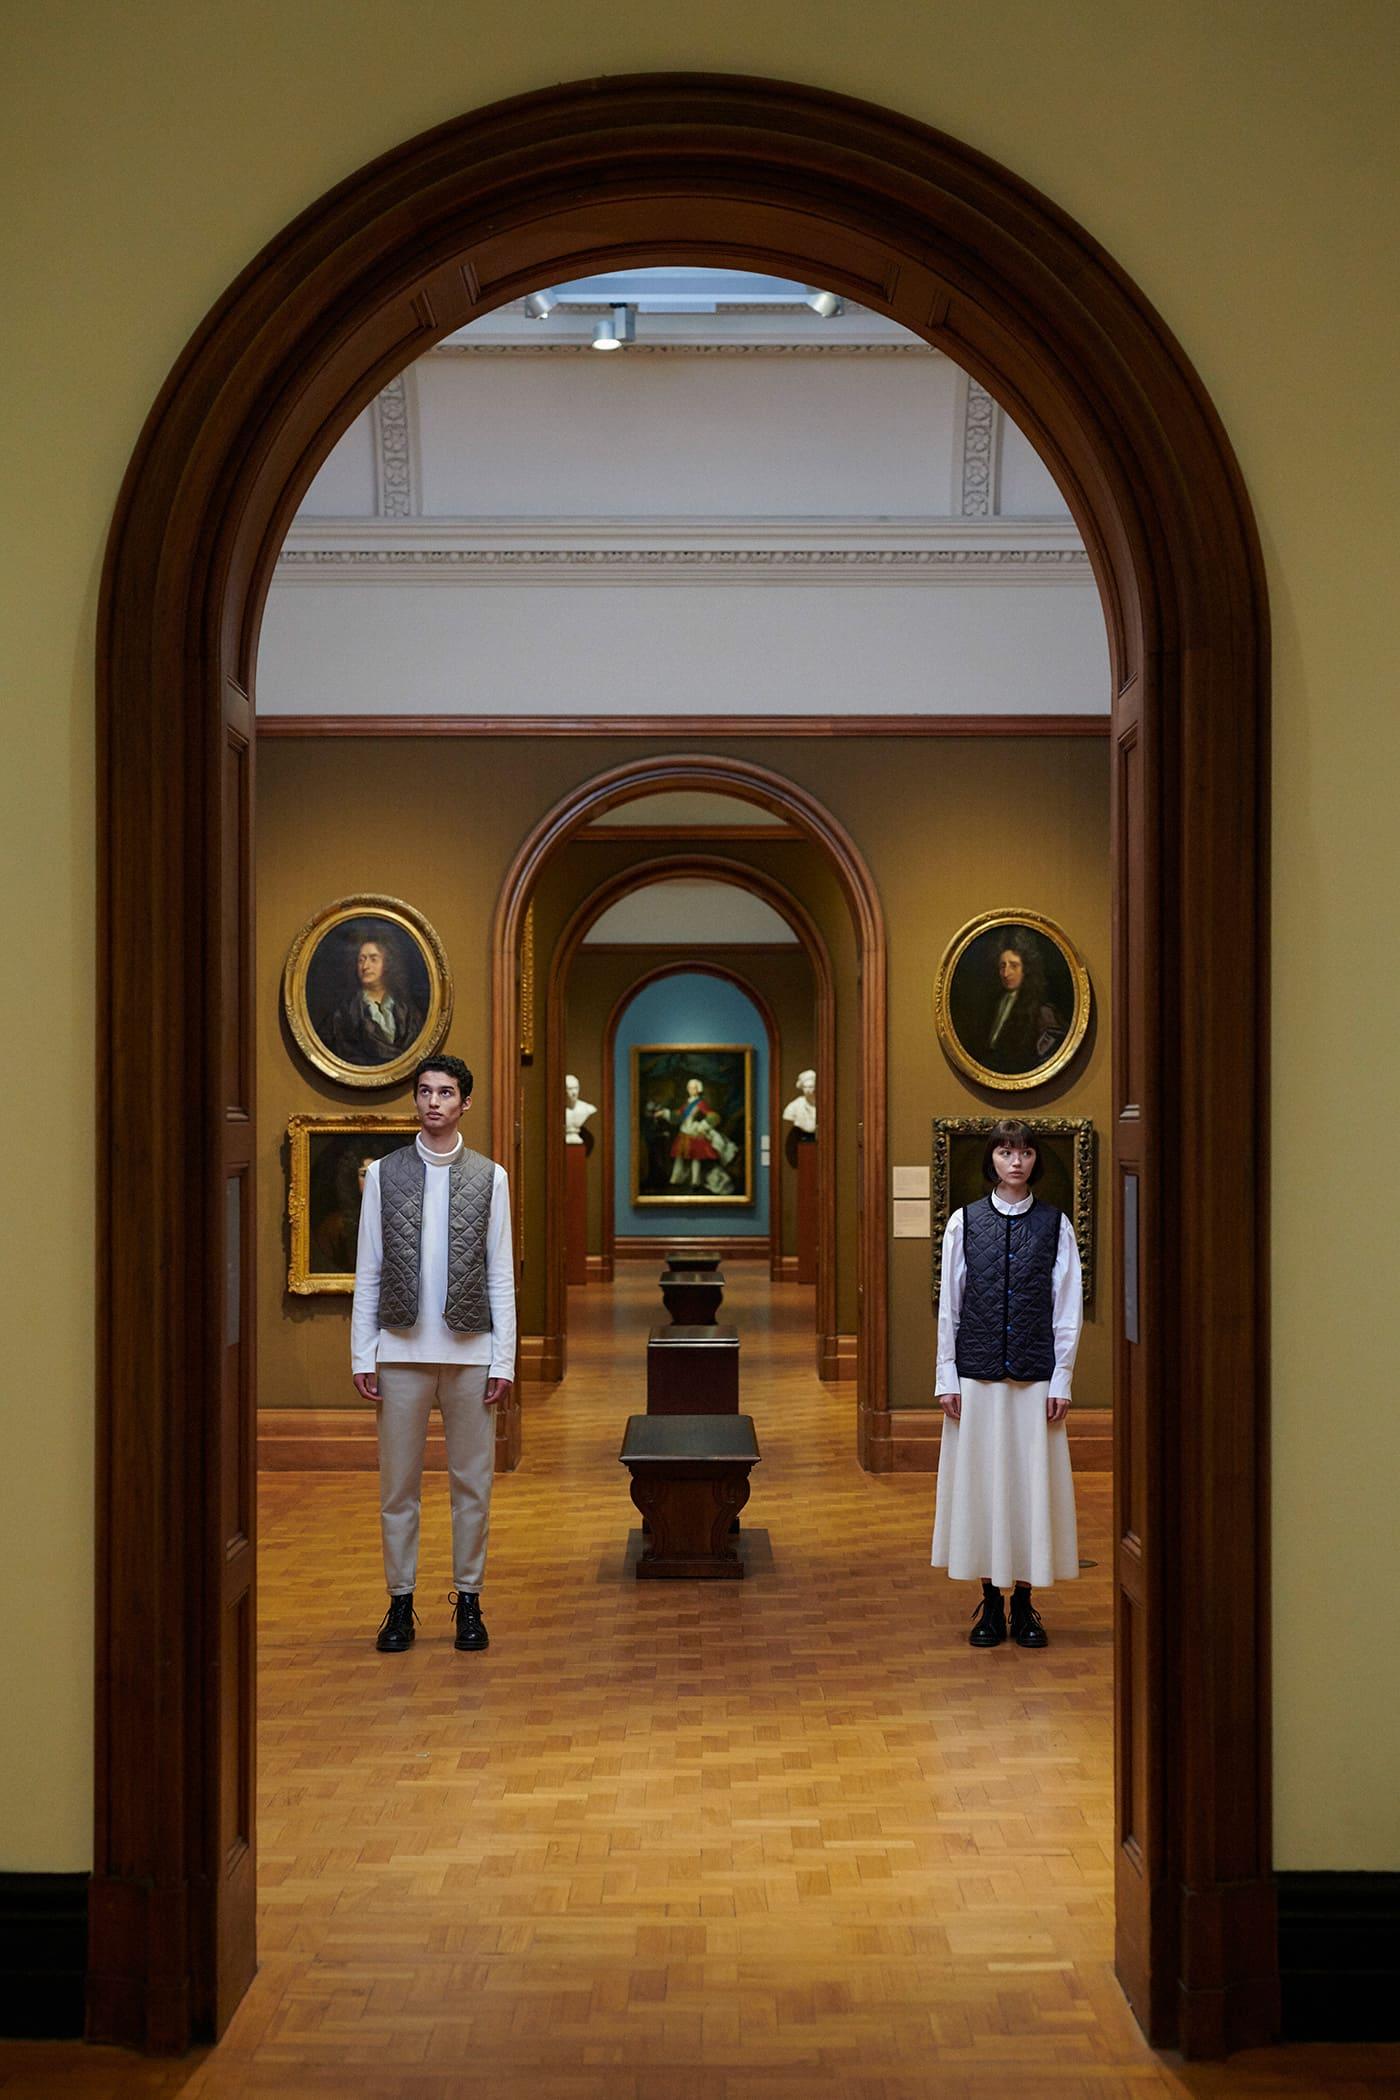 National Portrait Gallery(ナショナル・ポートレート・ギャラリー) LAVENHAM(ラベンハム) ビジュアルルック